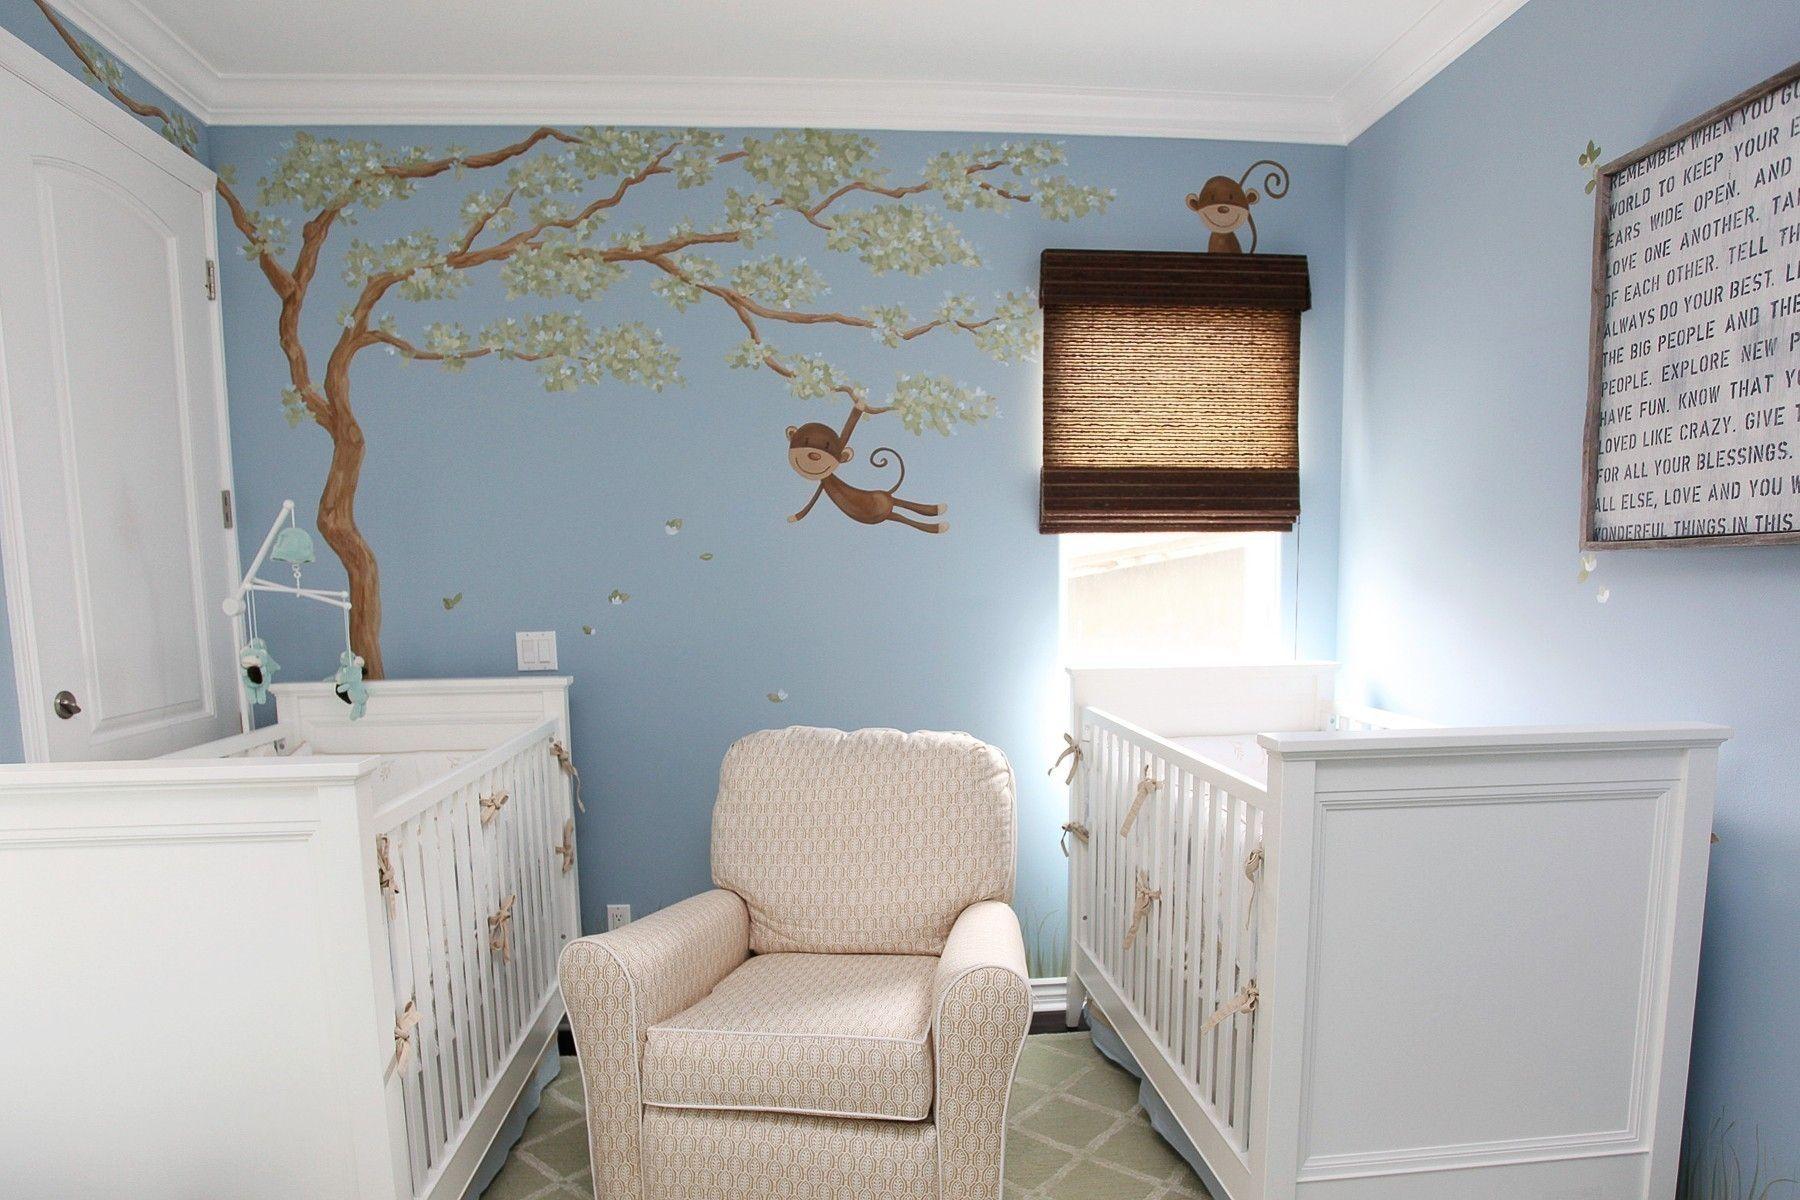 Schöne Baby Raum Dekoration Ideen #Badezimmer #Büromöbel #Couchtisch #Deko  Ideen #Gartenmöbel